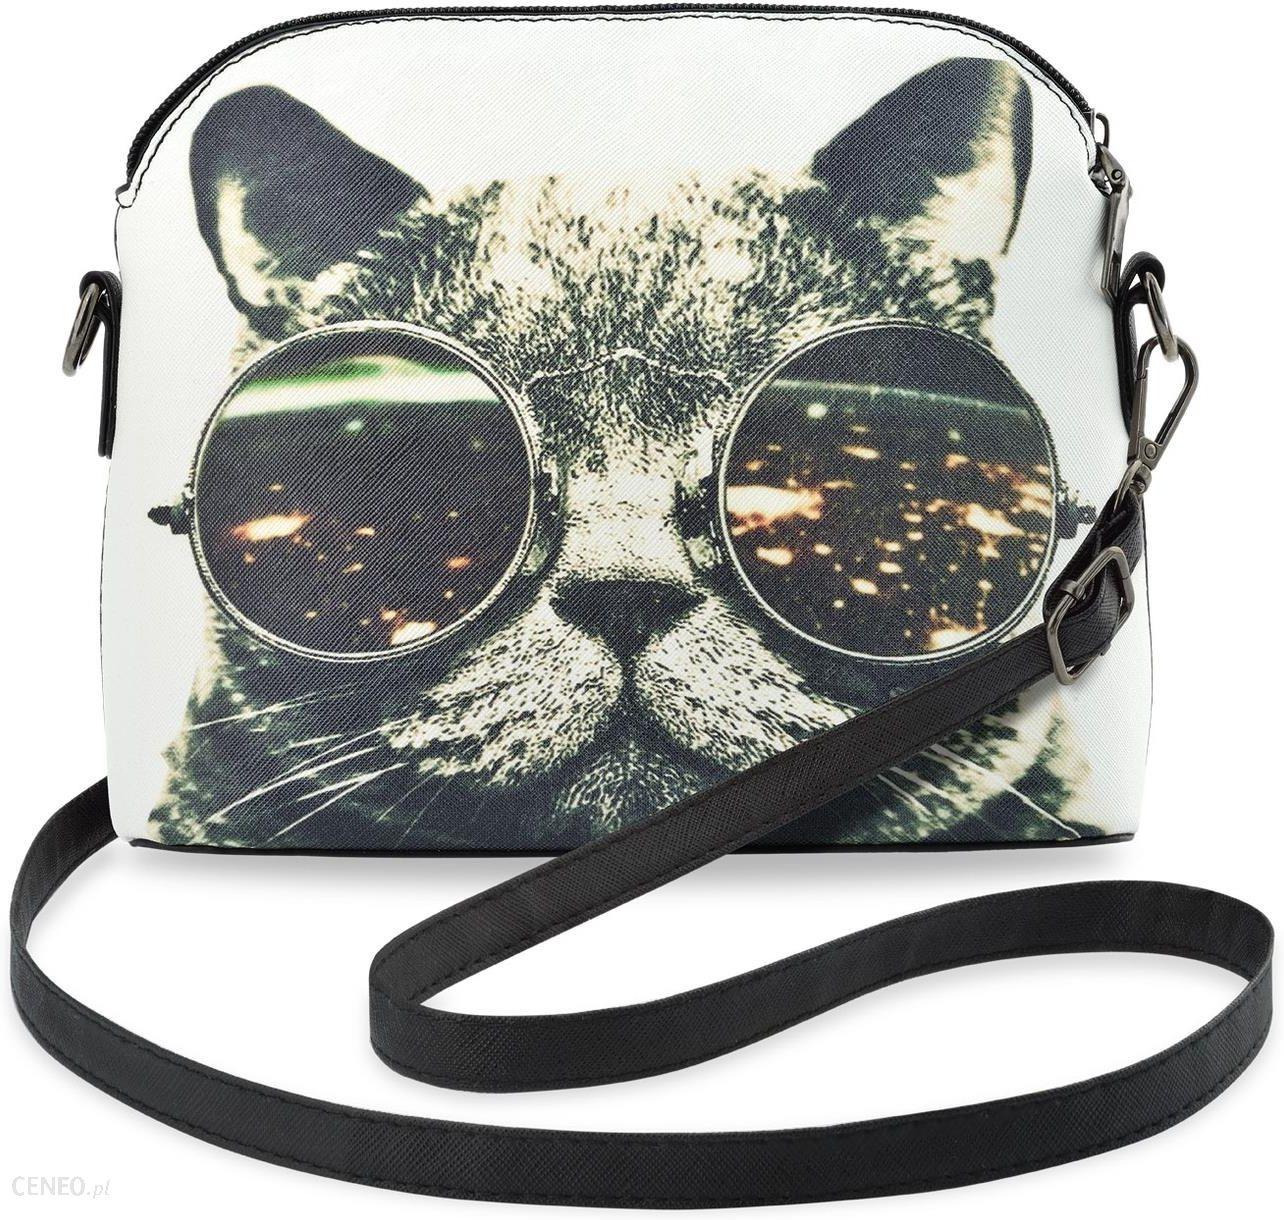 d6e206d55212e Młodzieżowa listonoszka damska z modnym nadrukiem – kot w lenonkach  okularach - zdjęcie 1